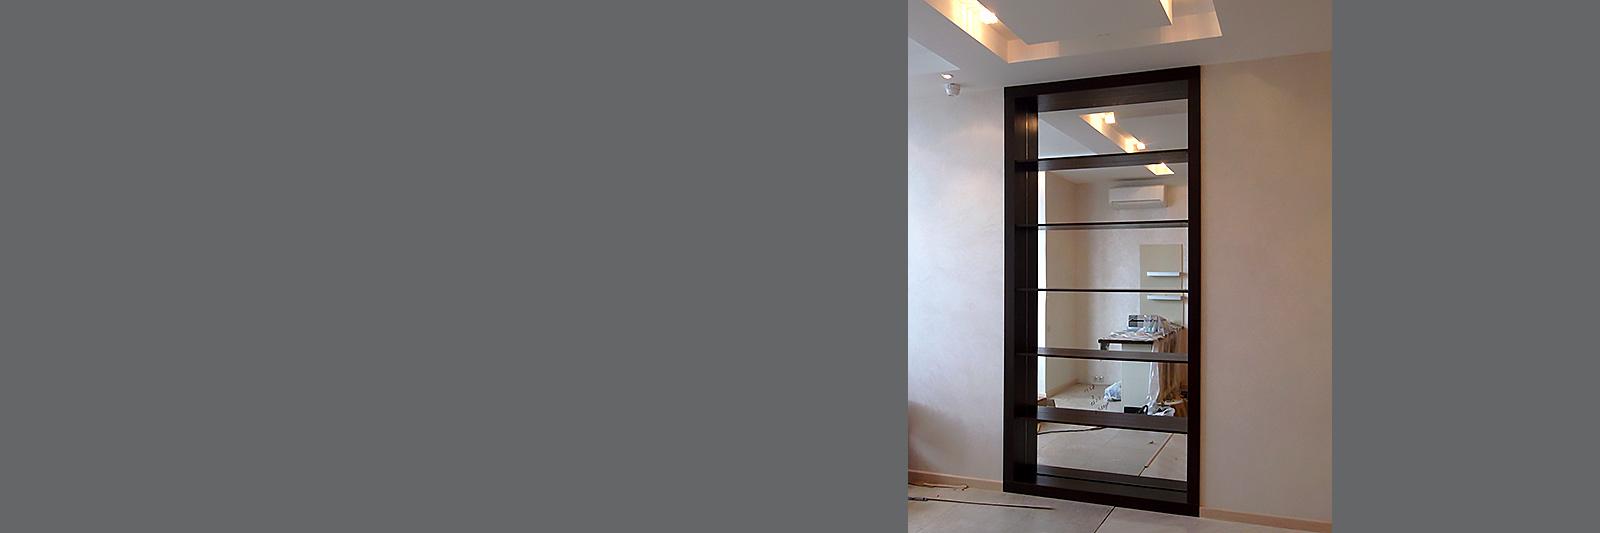 Зеркальный стеллаж в нишу под заказ